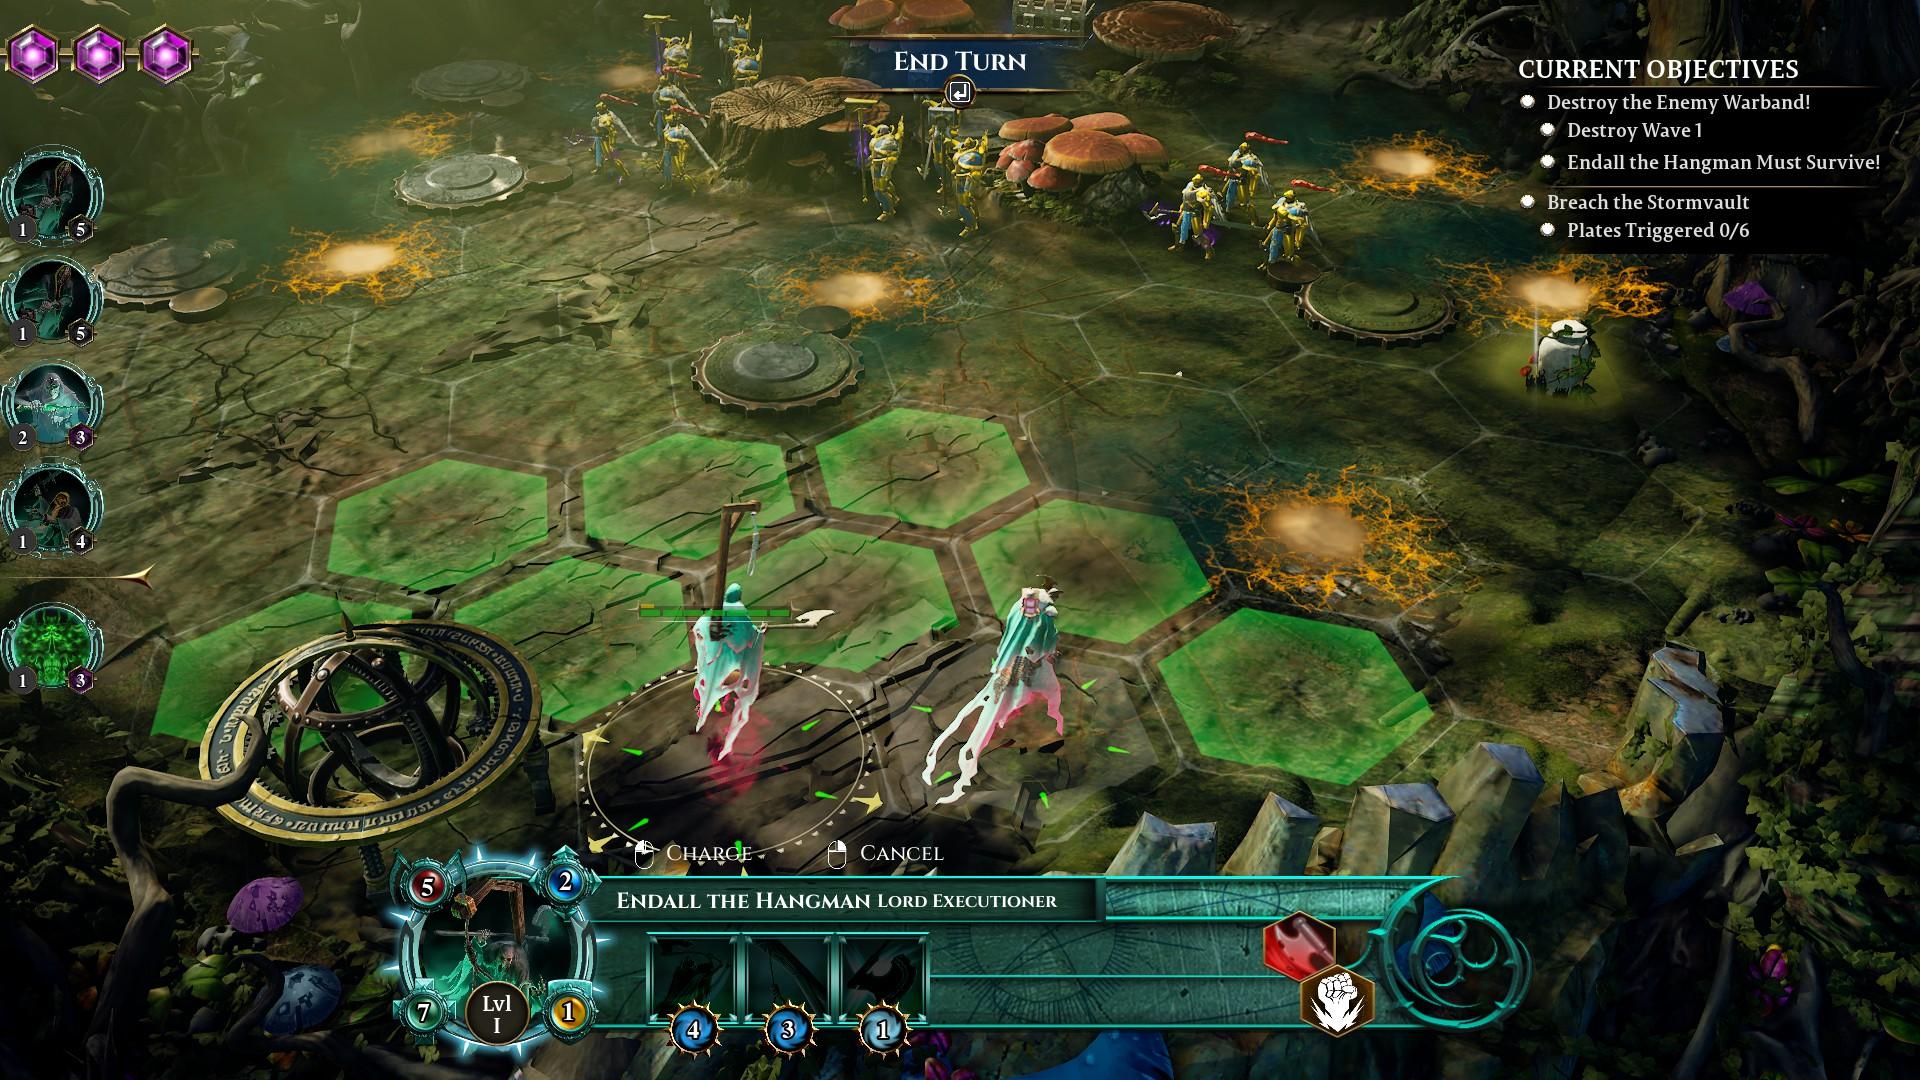 Nighthaunts approach Stormcast Eternals across a battlefield